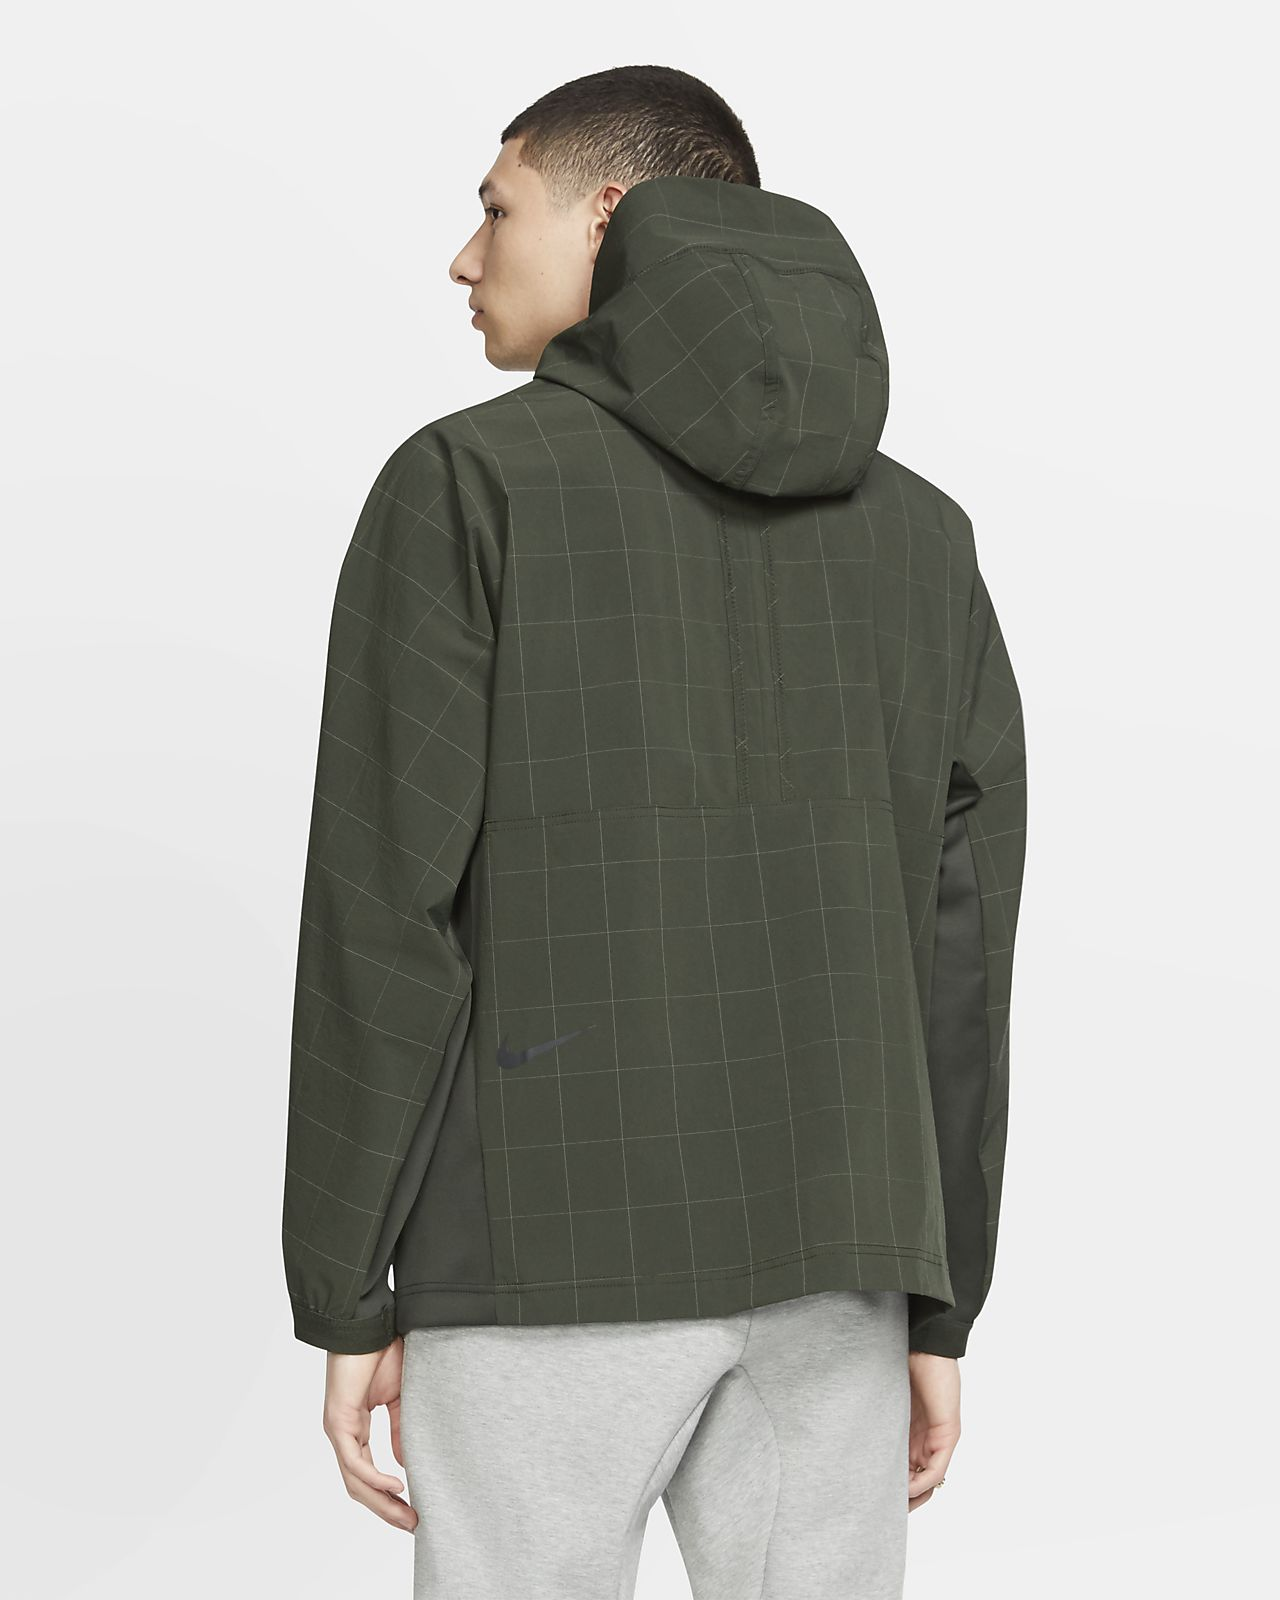 Nike Sportswear Tech Pack Men's Hooded Woven Jacket BV4437 010